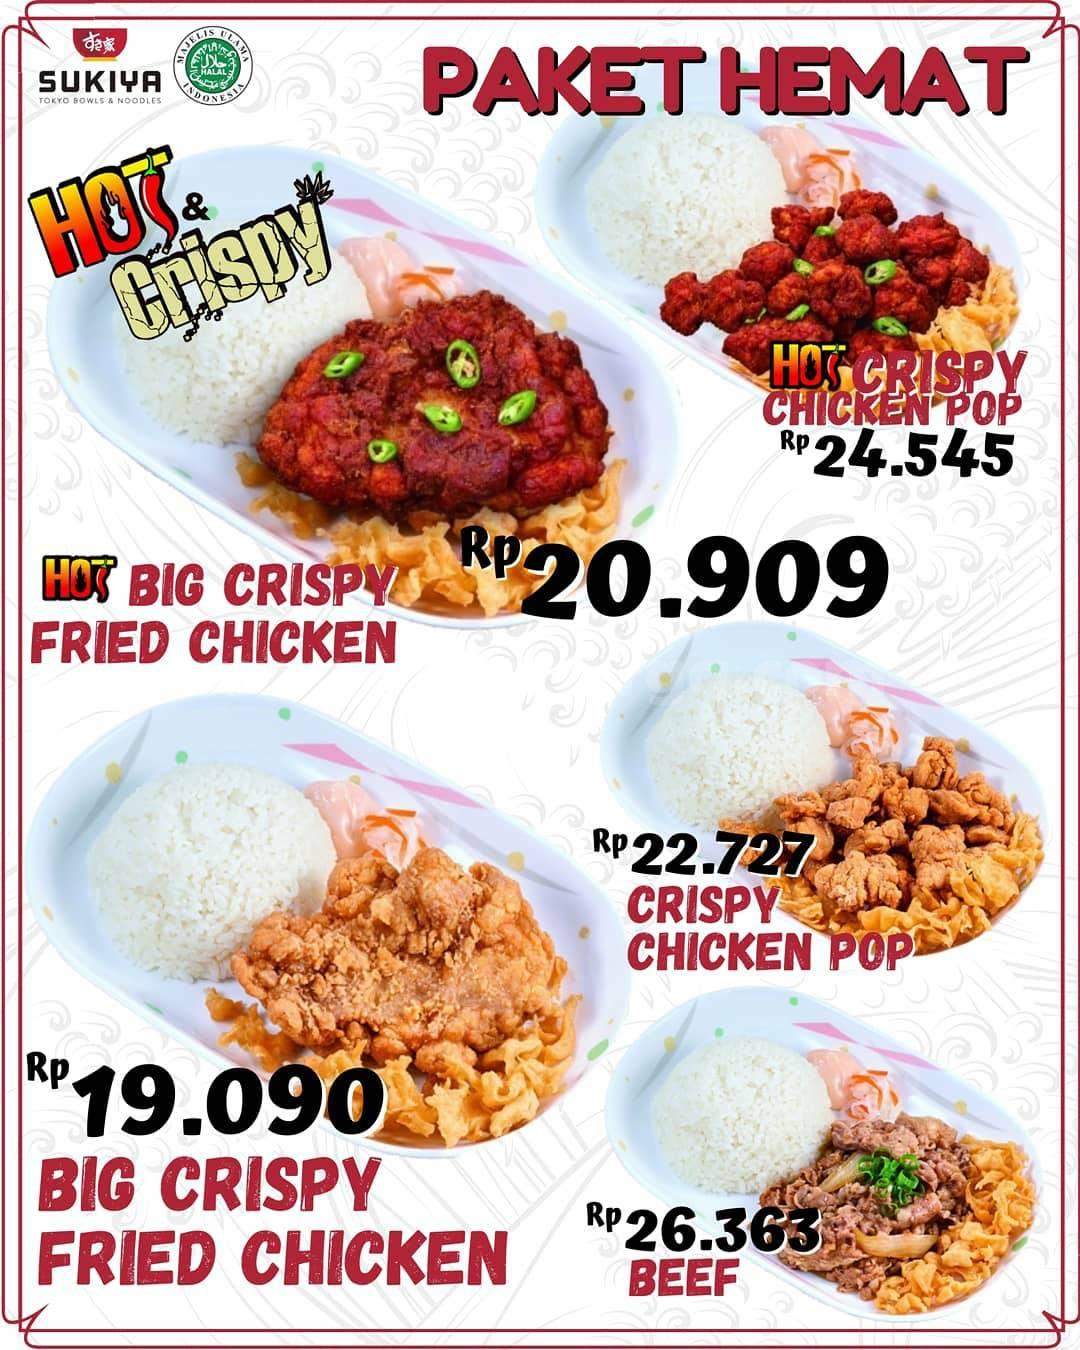 Promo SUKIYA Paket Hemat Hot & Crispy – Harga mulai dari Rp 19.090